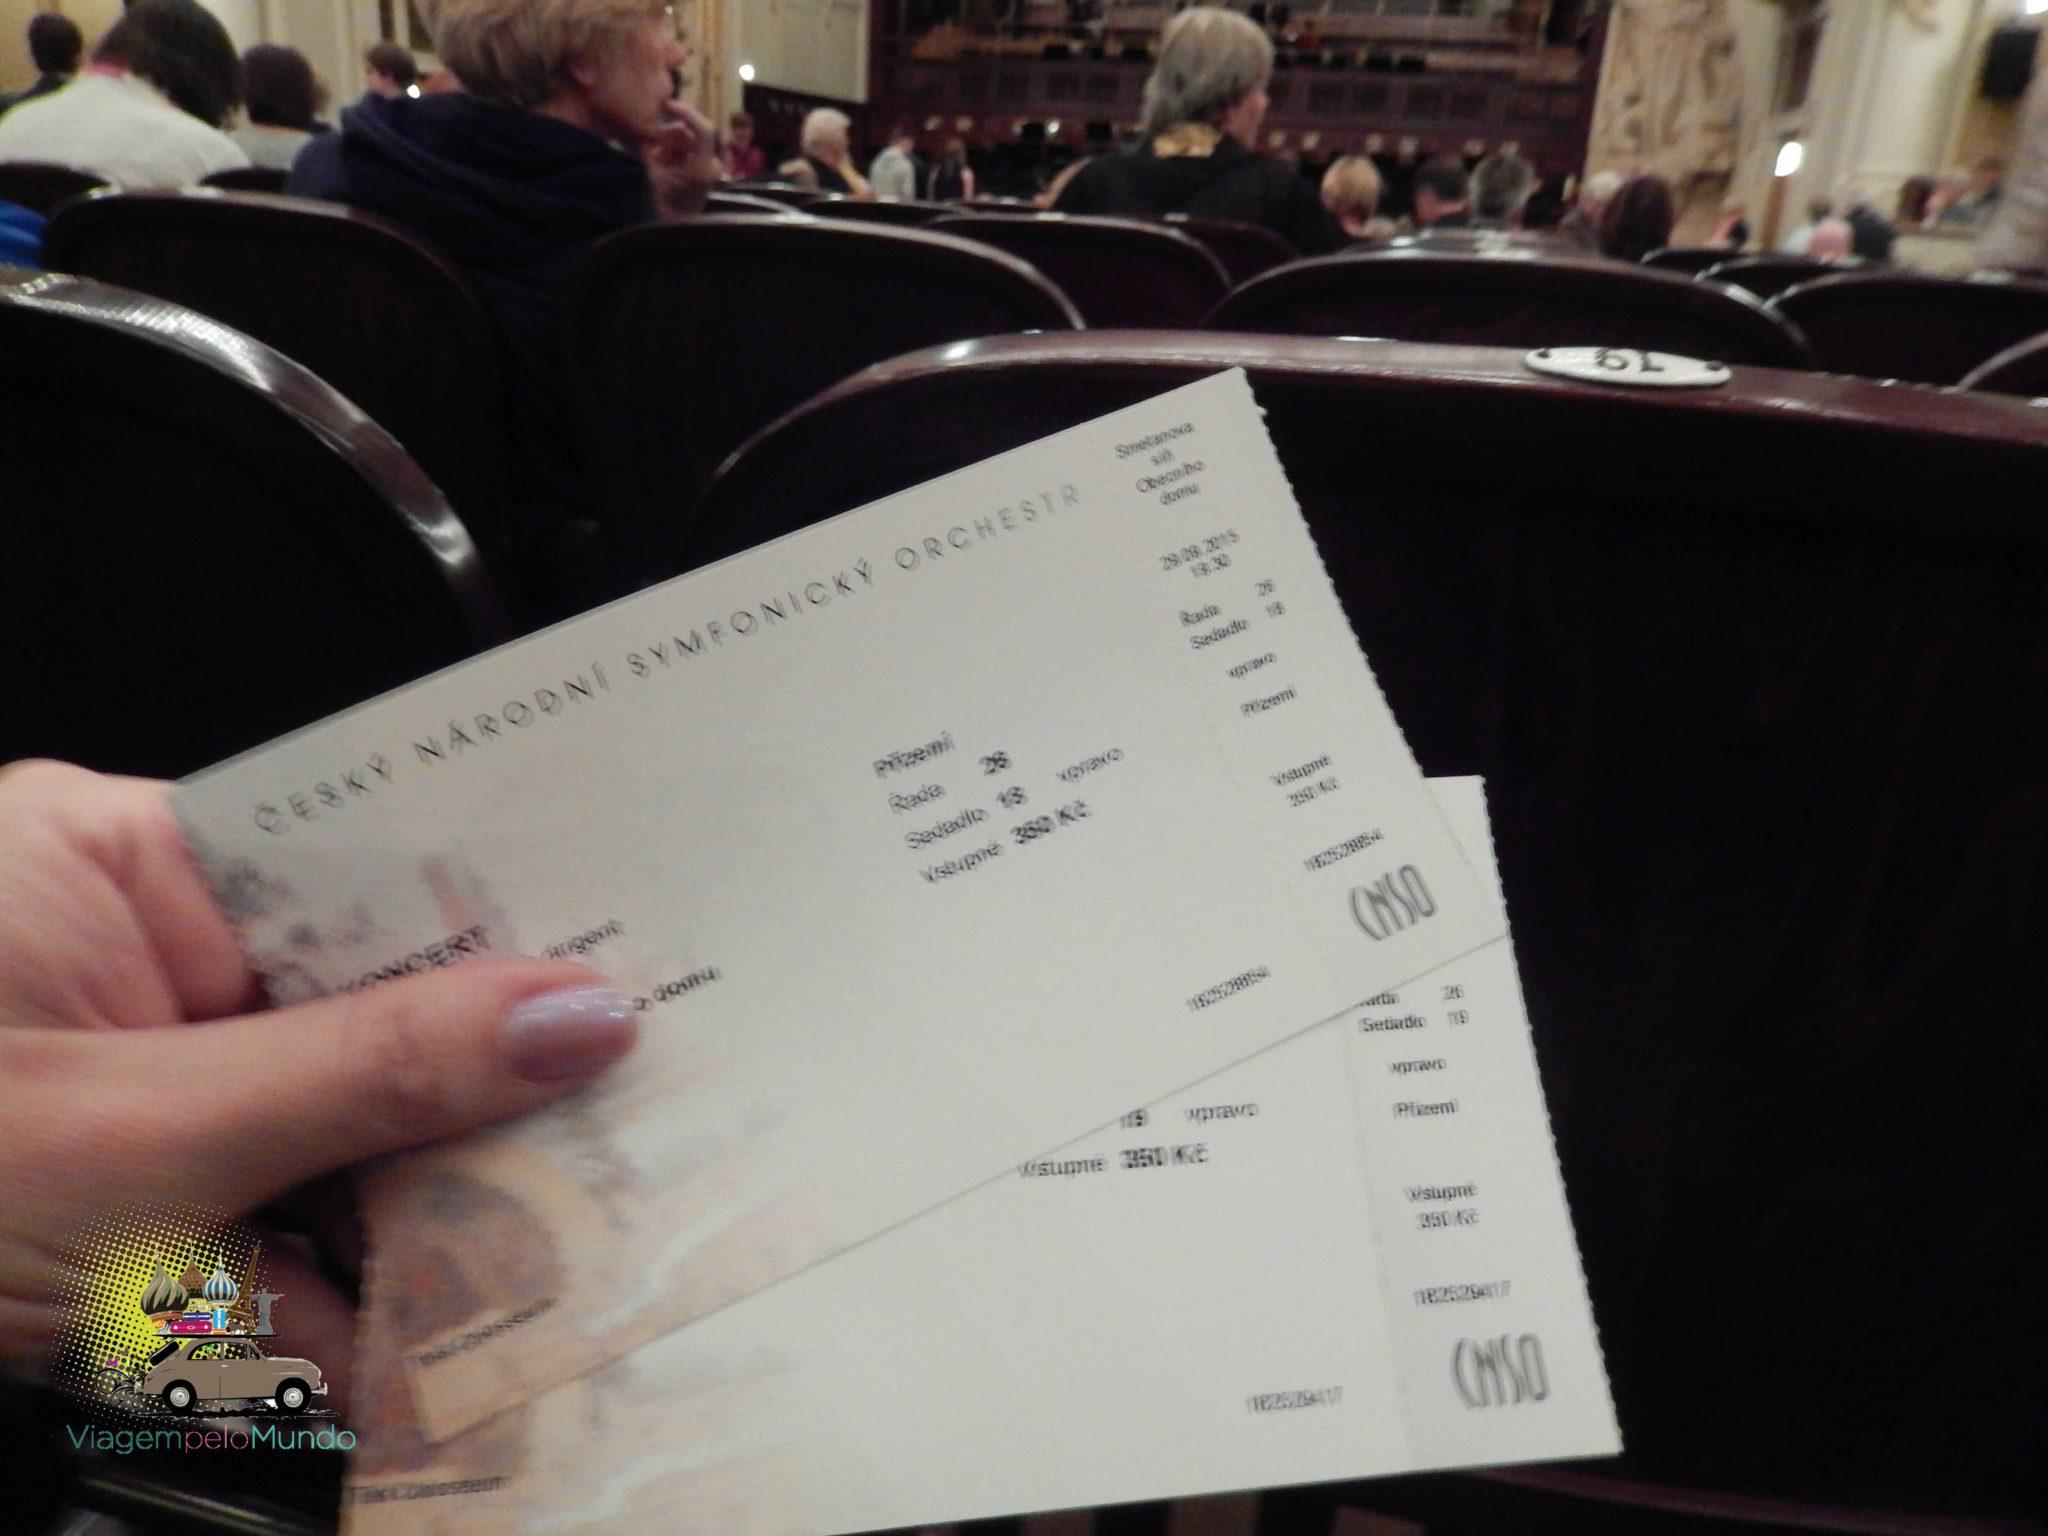 Concerto em Praga